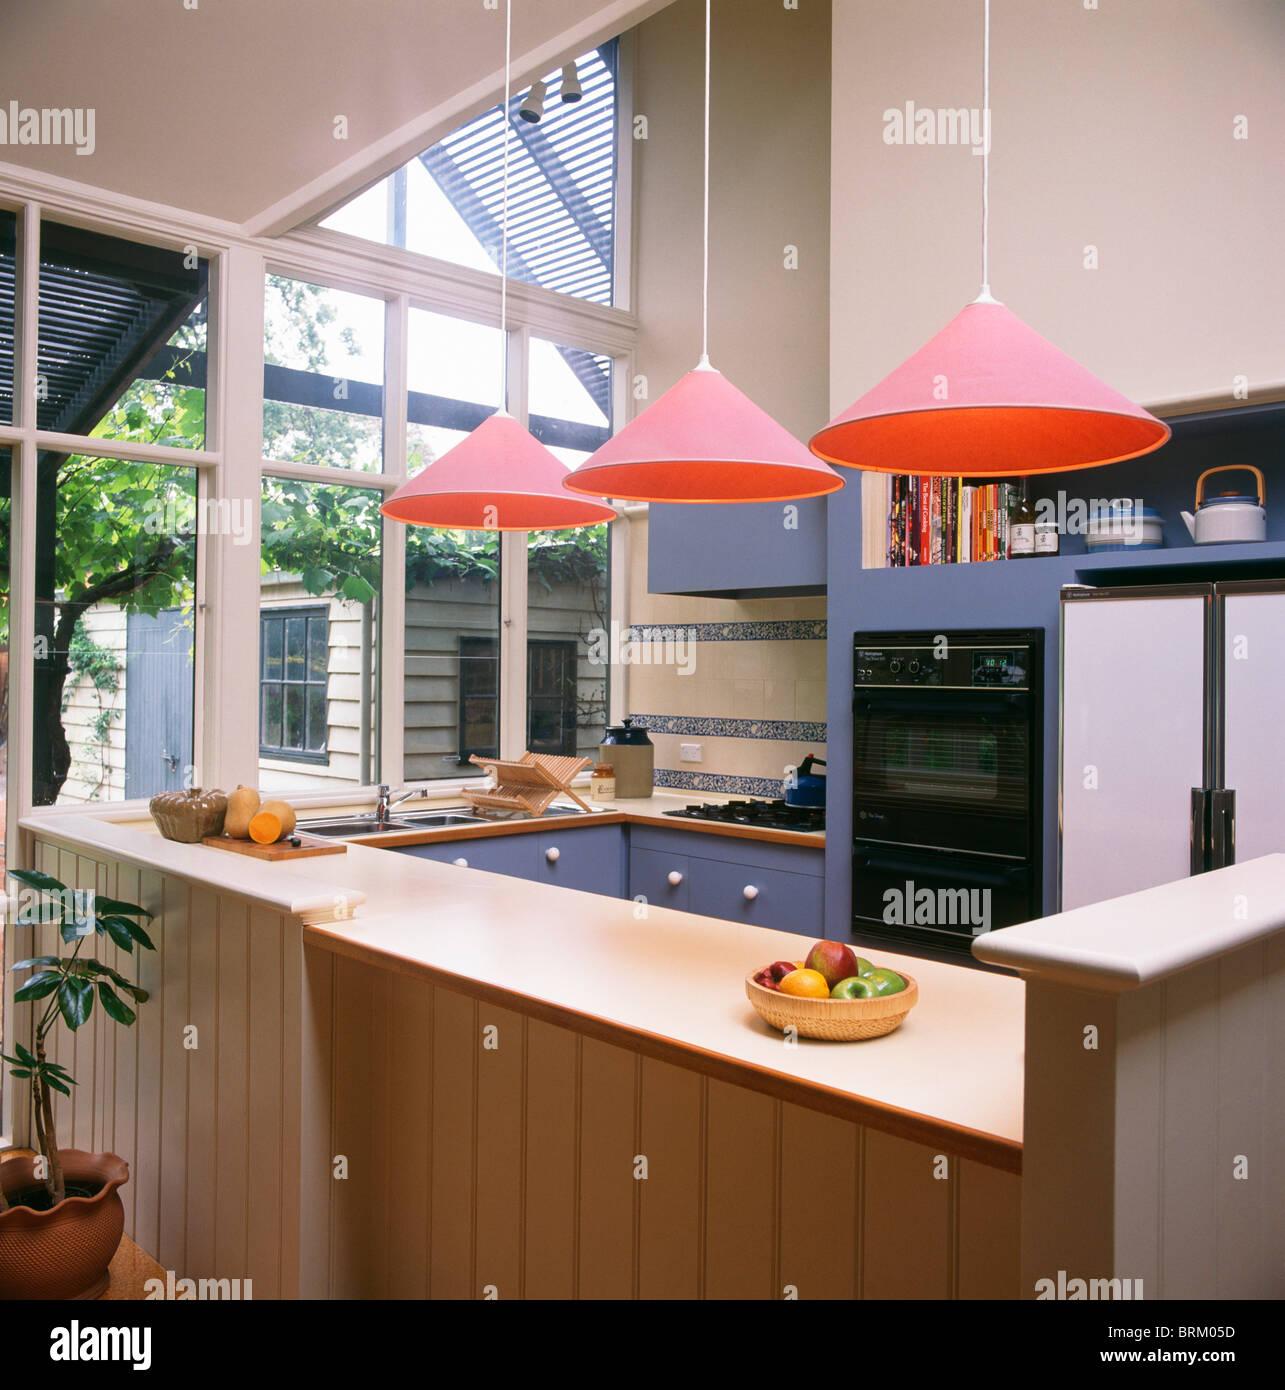 Kitchen Extension Stockfotos & Kitchen Extension Bilder - Alamy